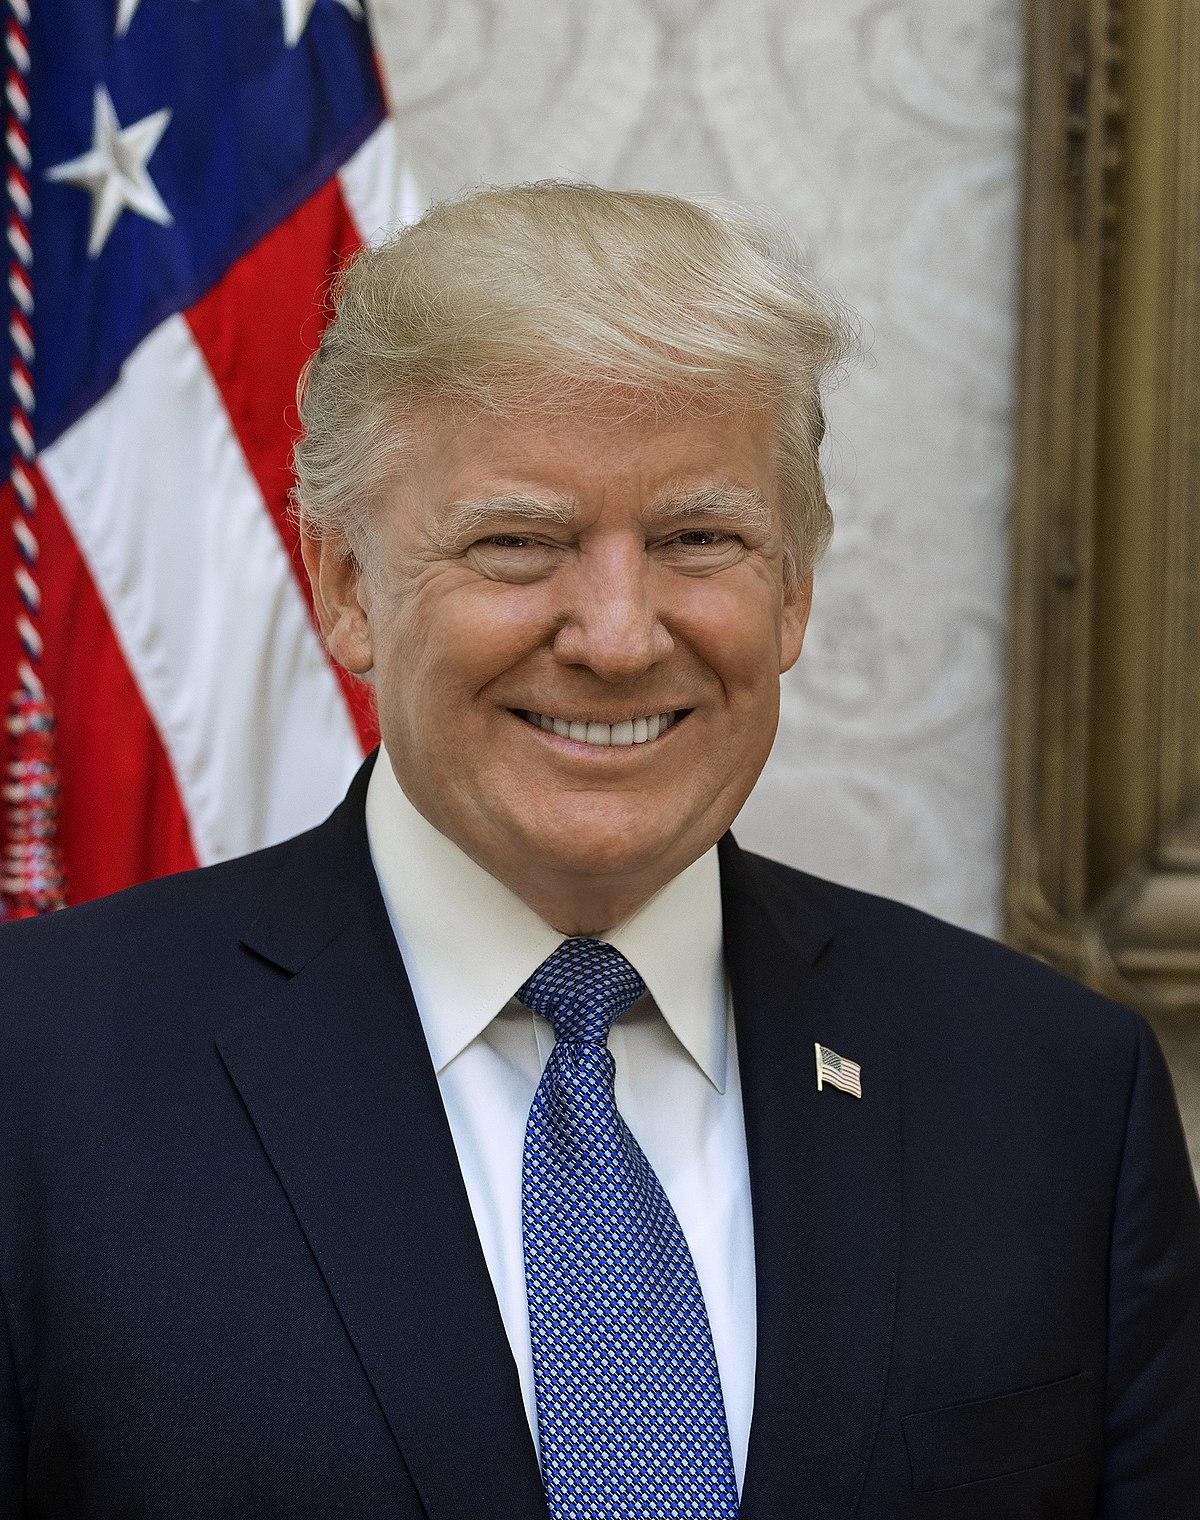 px Donald Trump official portrait